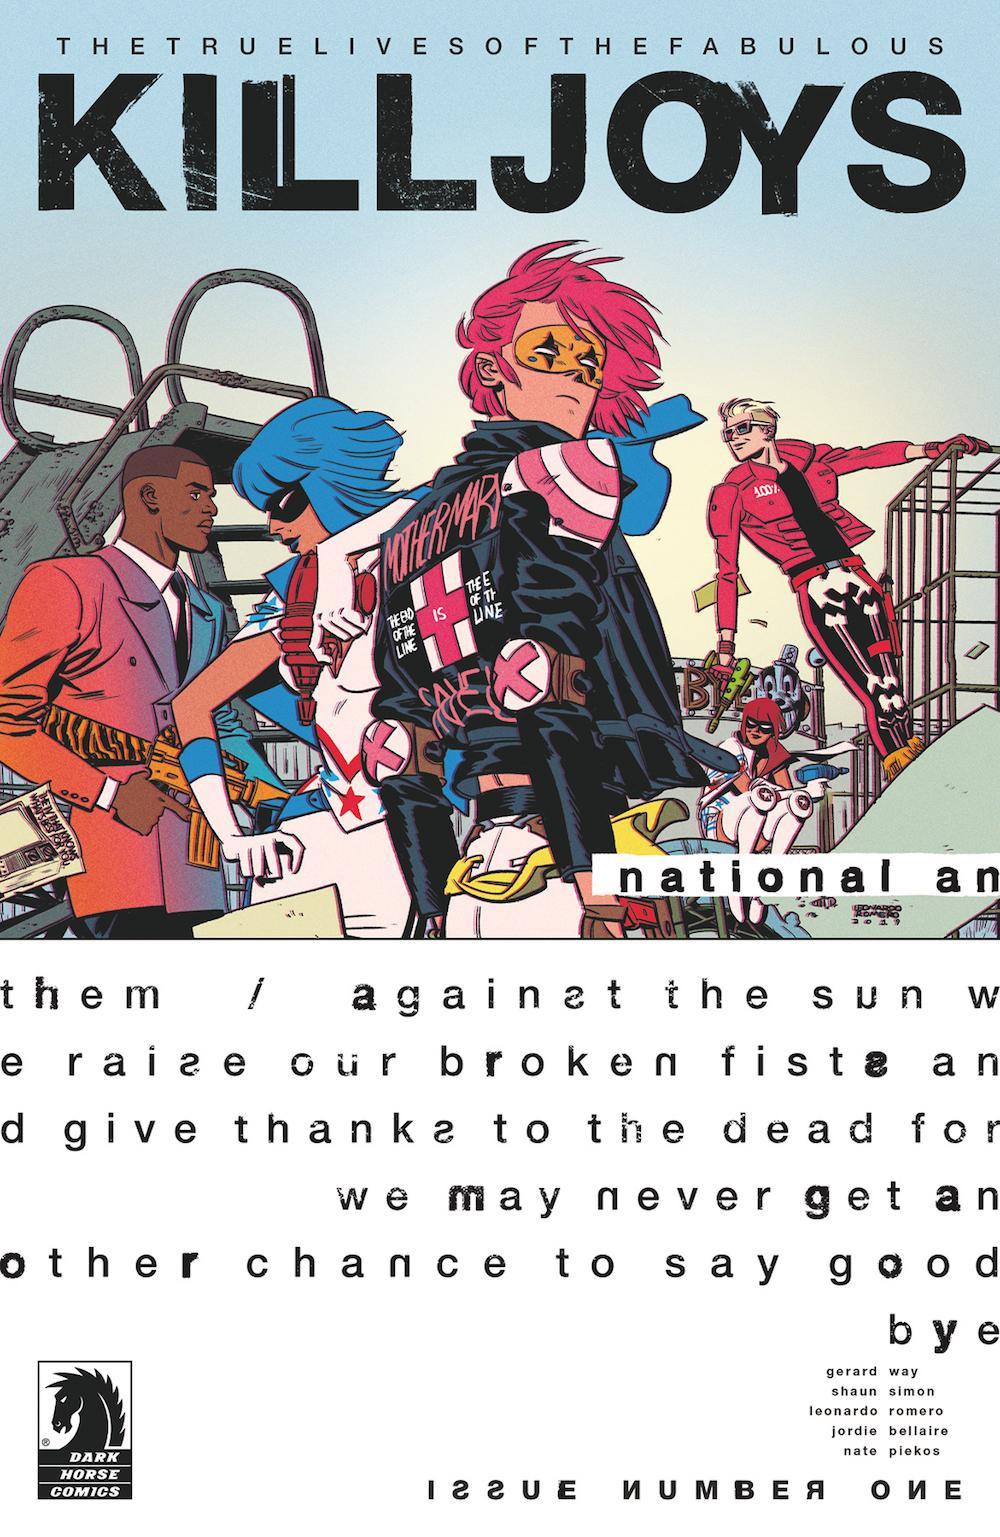 killjoys-national-anthem